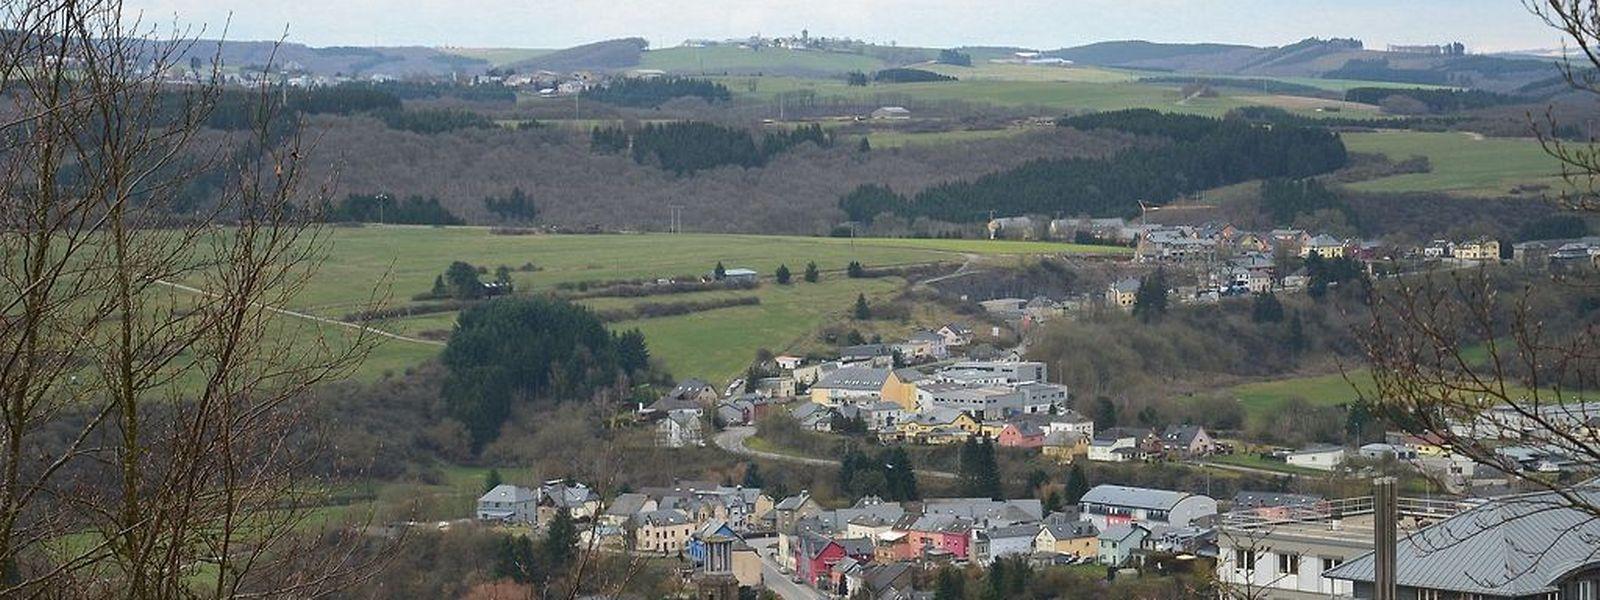 Wiltz und Eschweiler streichen im Rahmen ihrer Fusion Fördergelder in Höhe von 11,4 Millionen Euro ein.